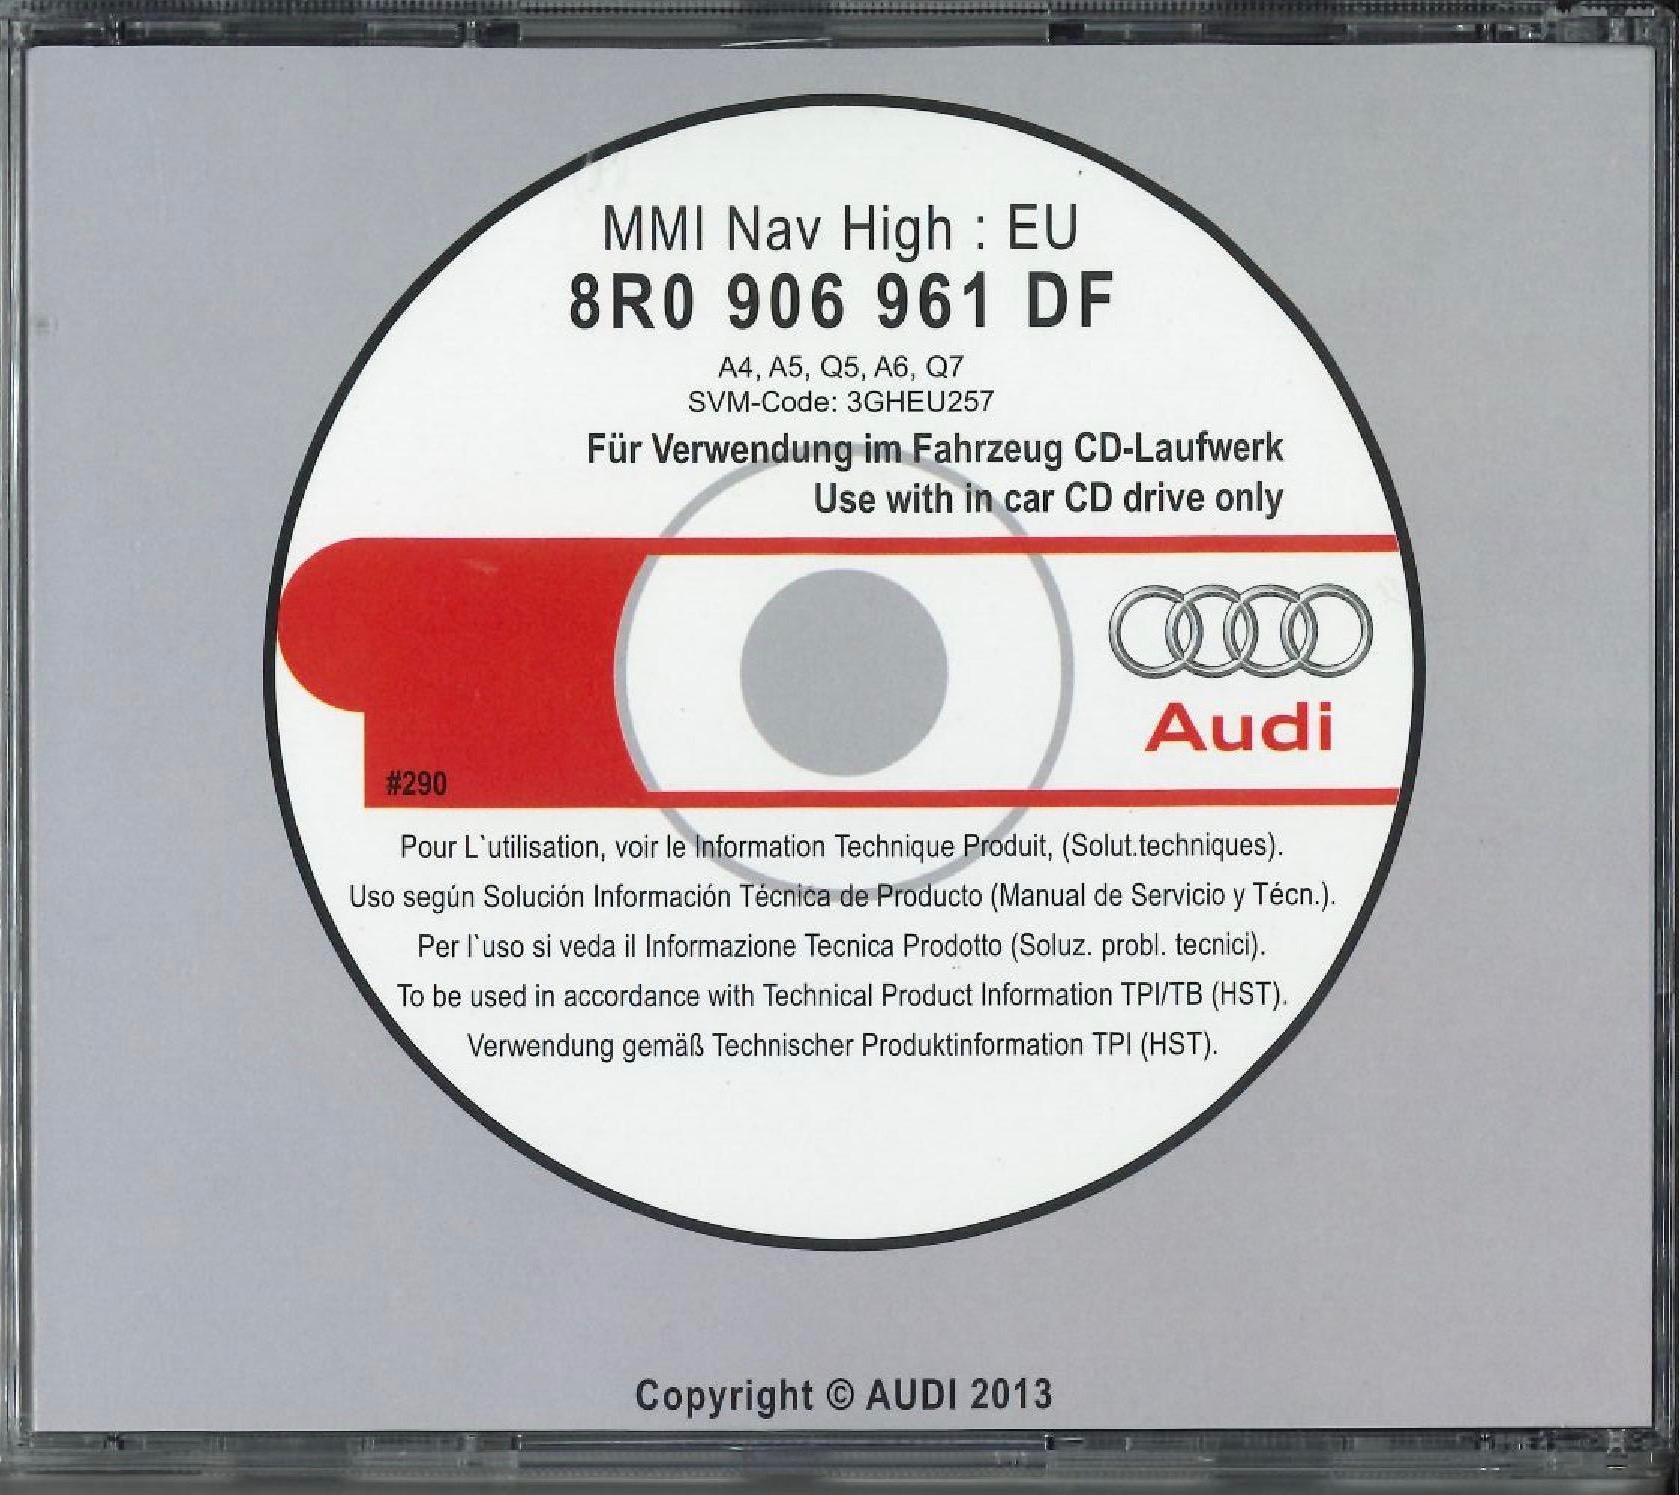 Audi MMI 3G High - 0257 Update software